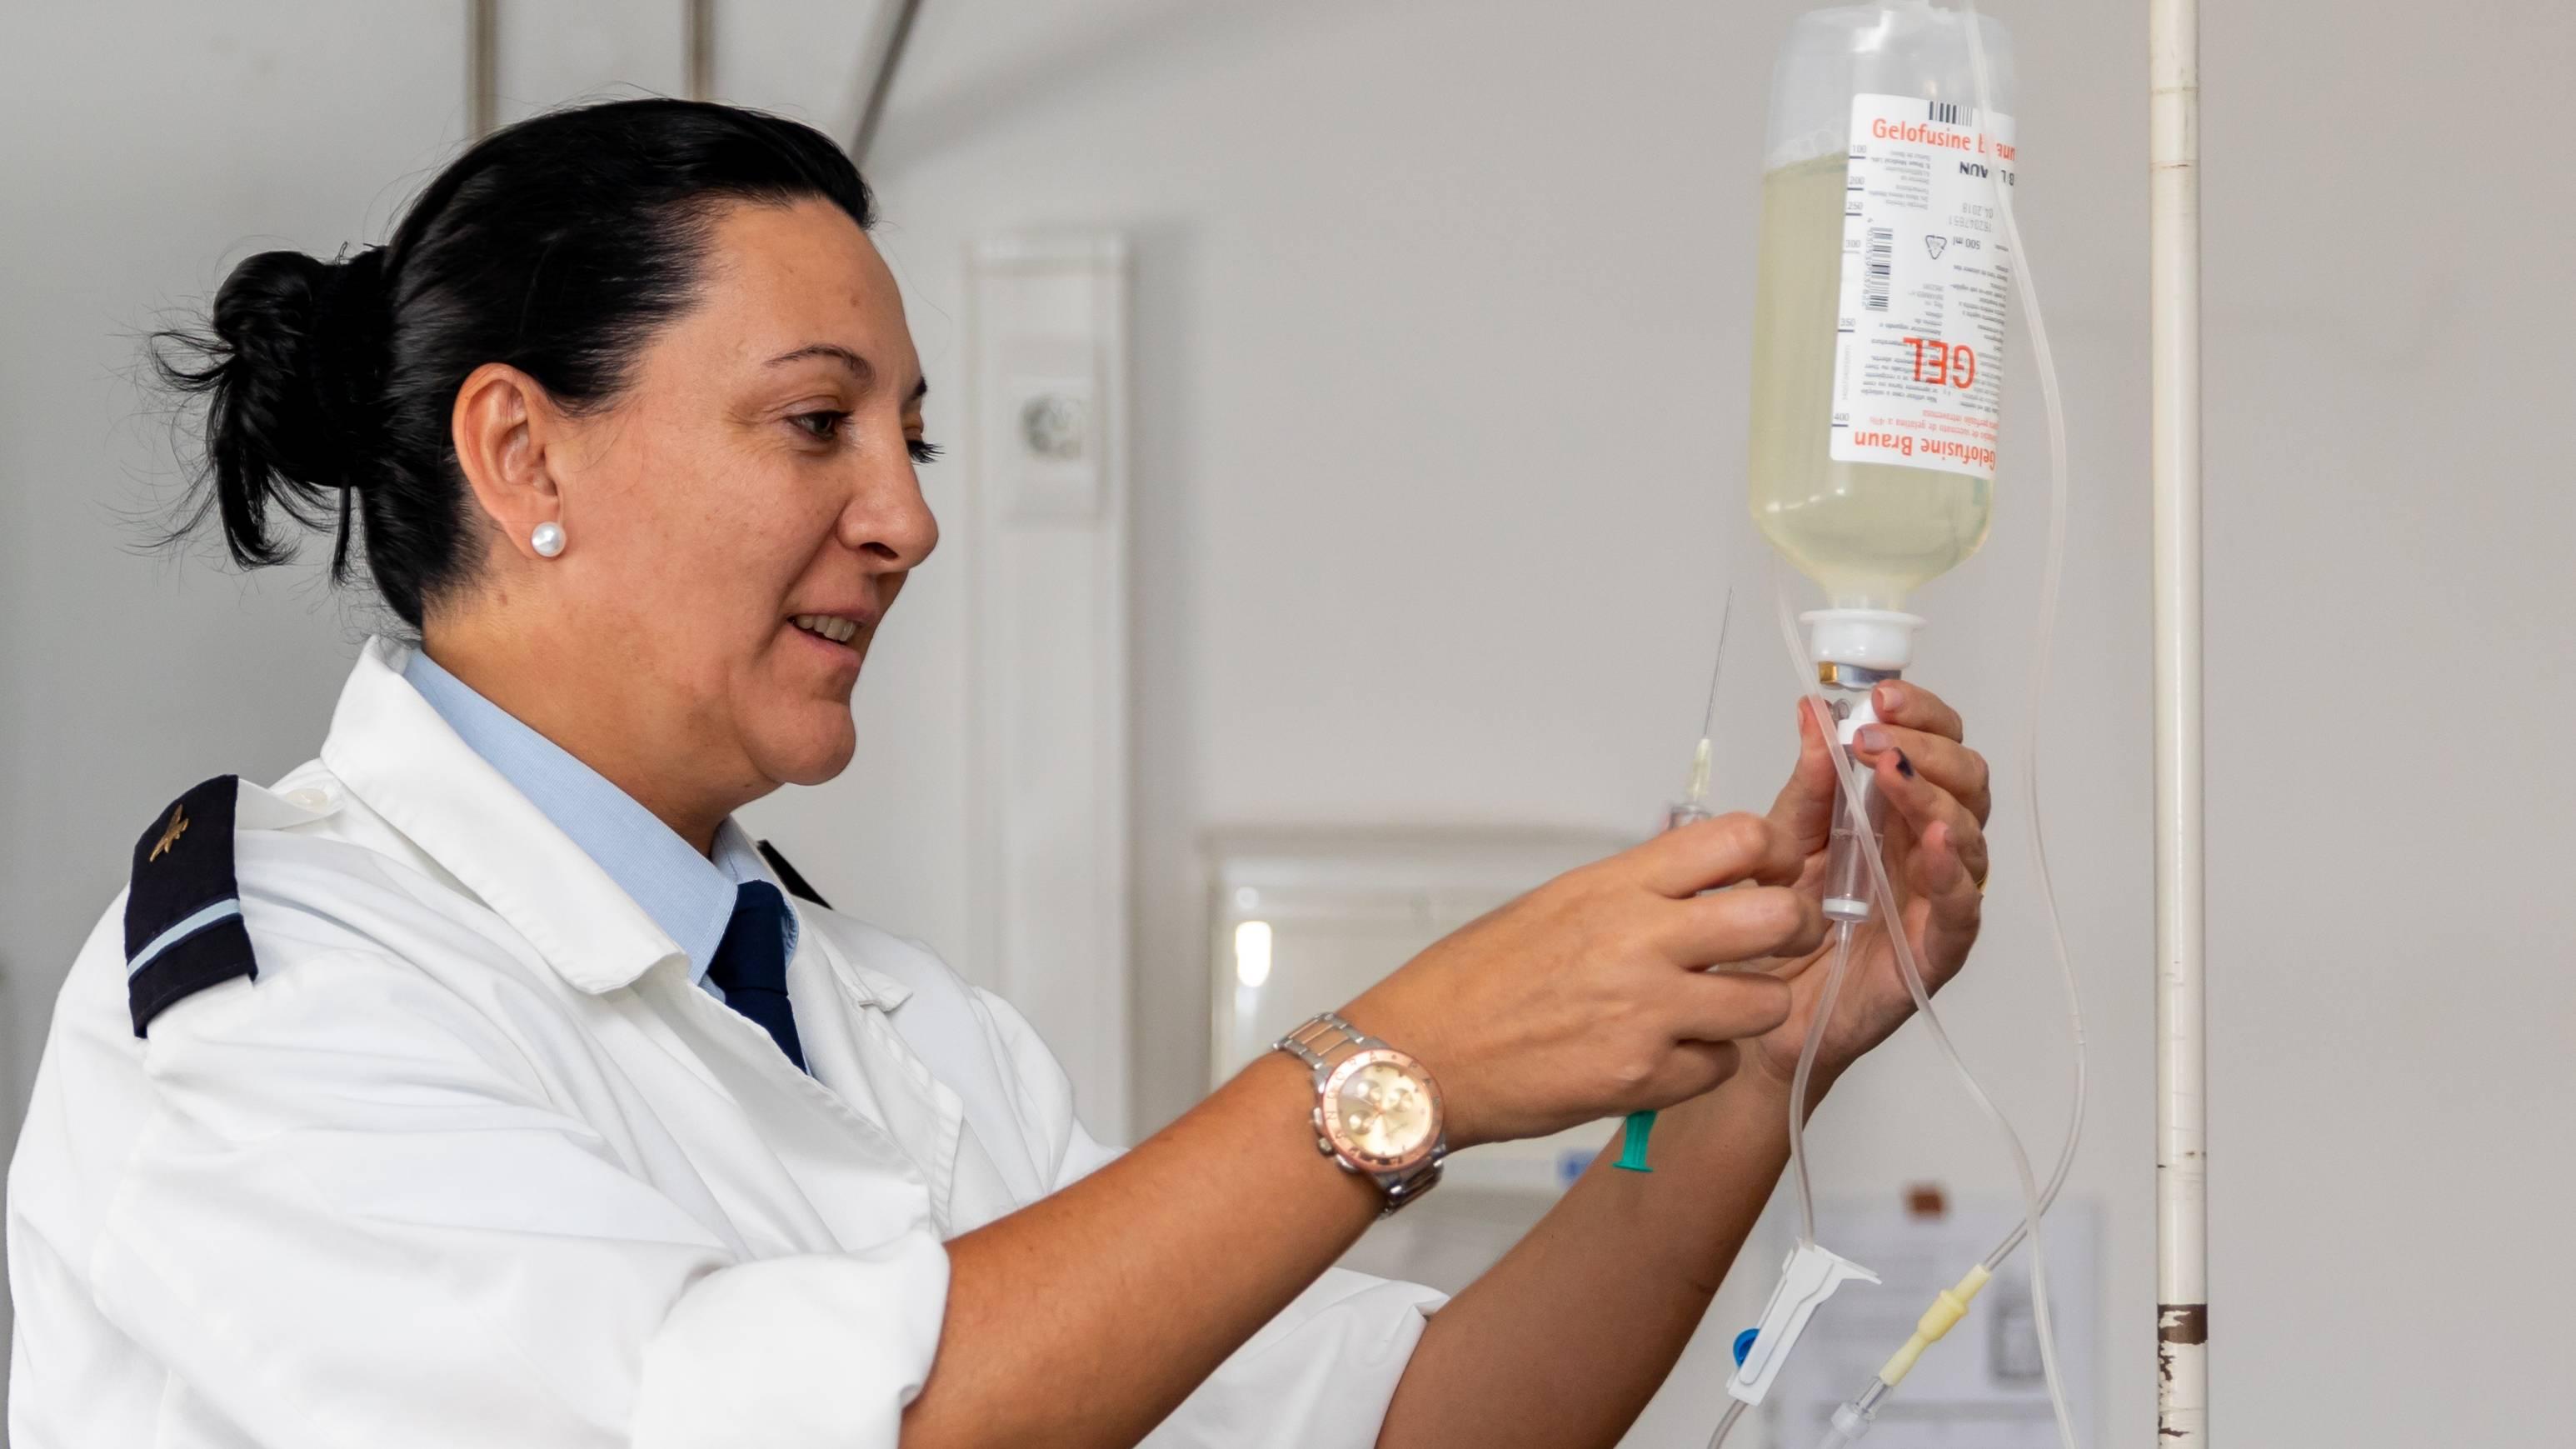 Chefe do Centro de Saúde da Unidade de Apoio de Lisboa - ALF Zélia Carvalho